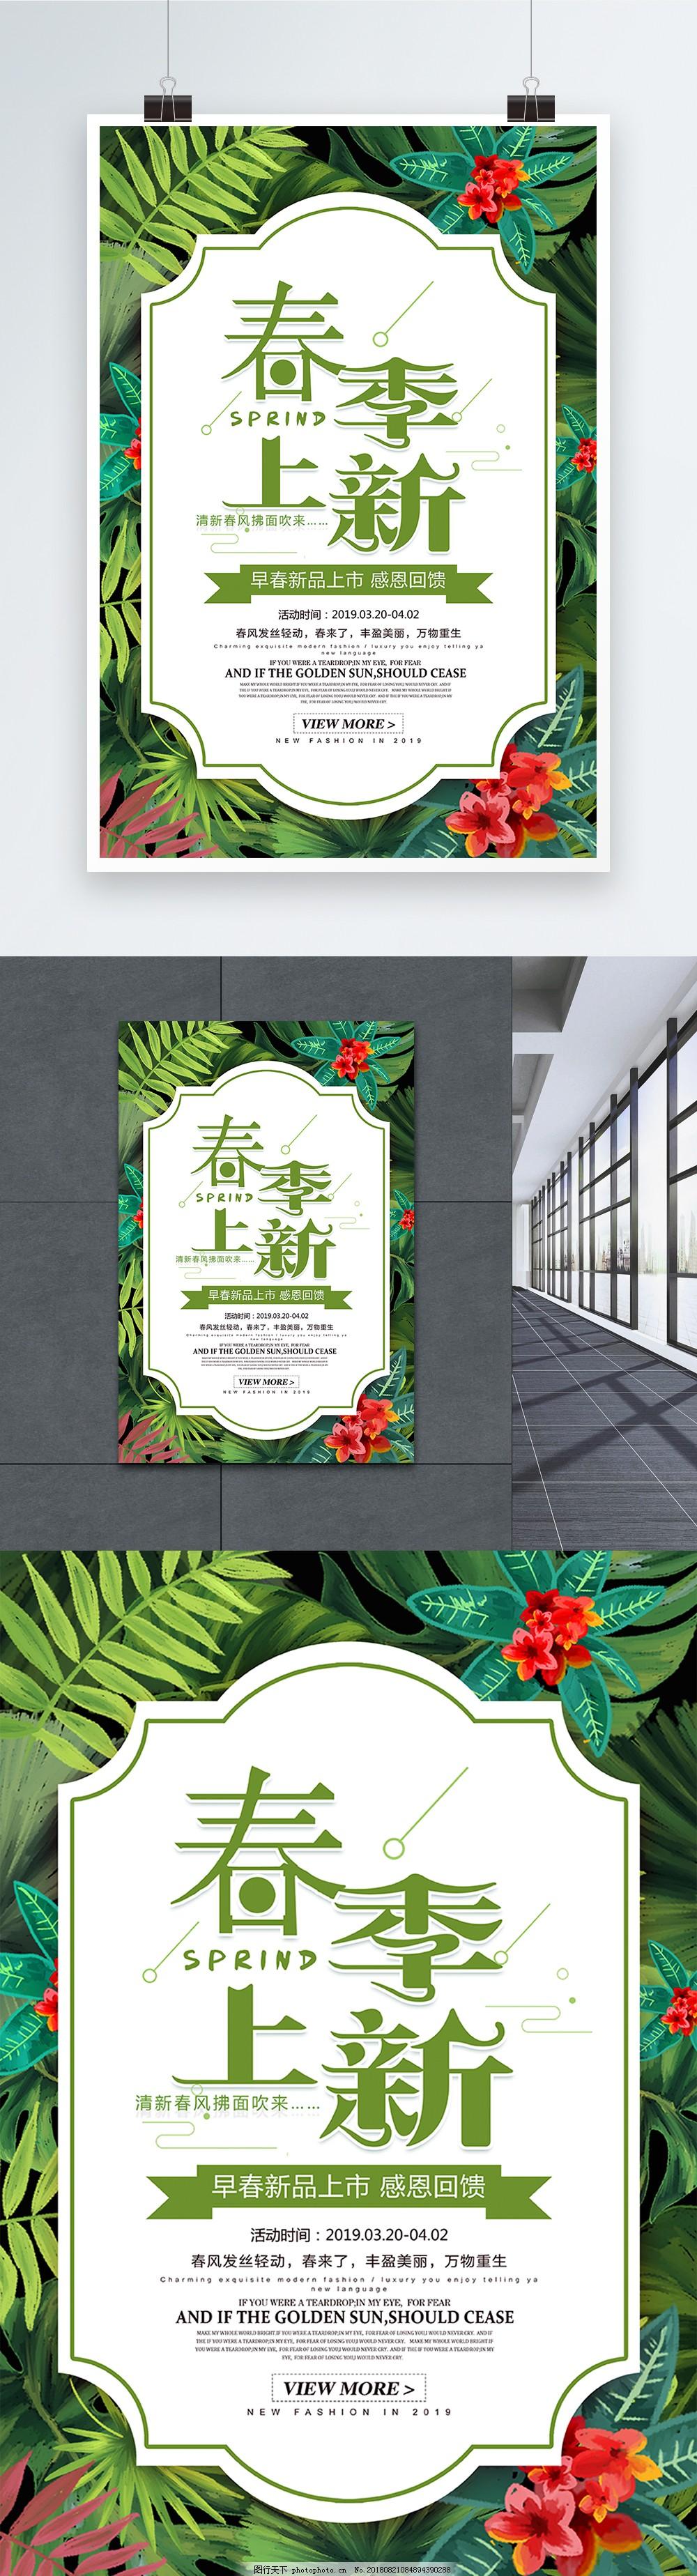 清新花卉春季购物促销春季上新海报